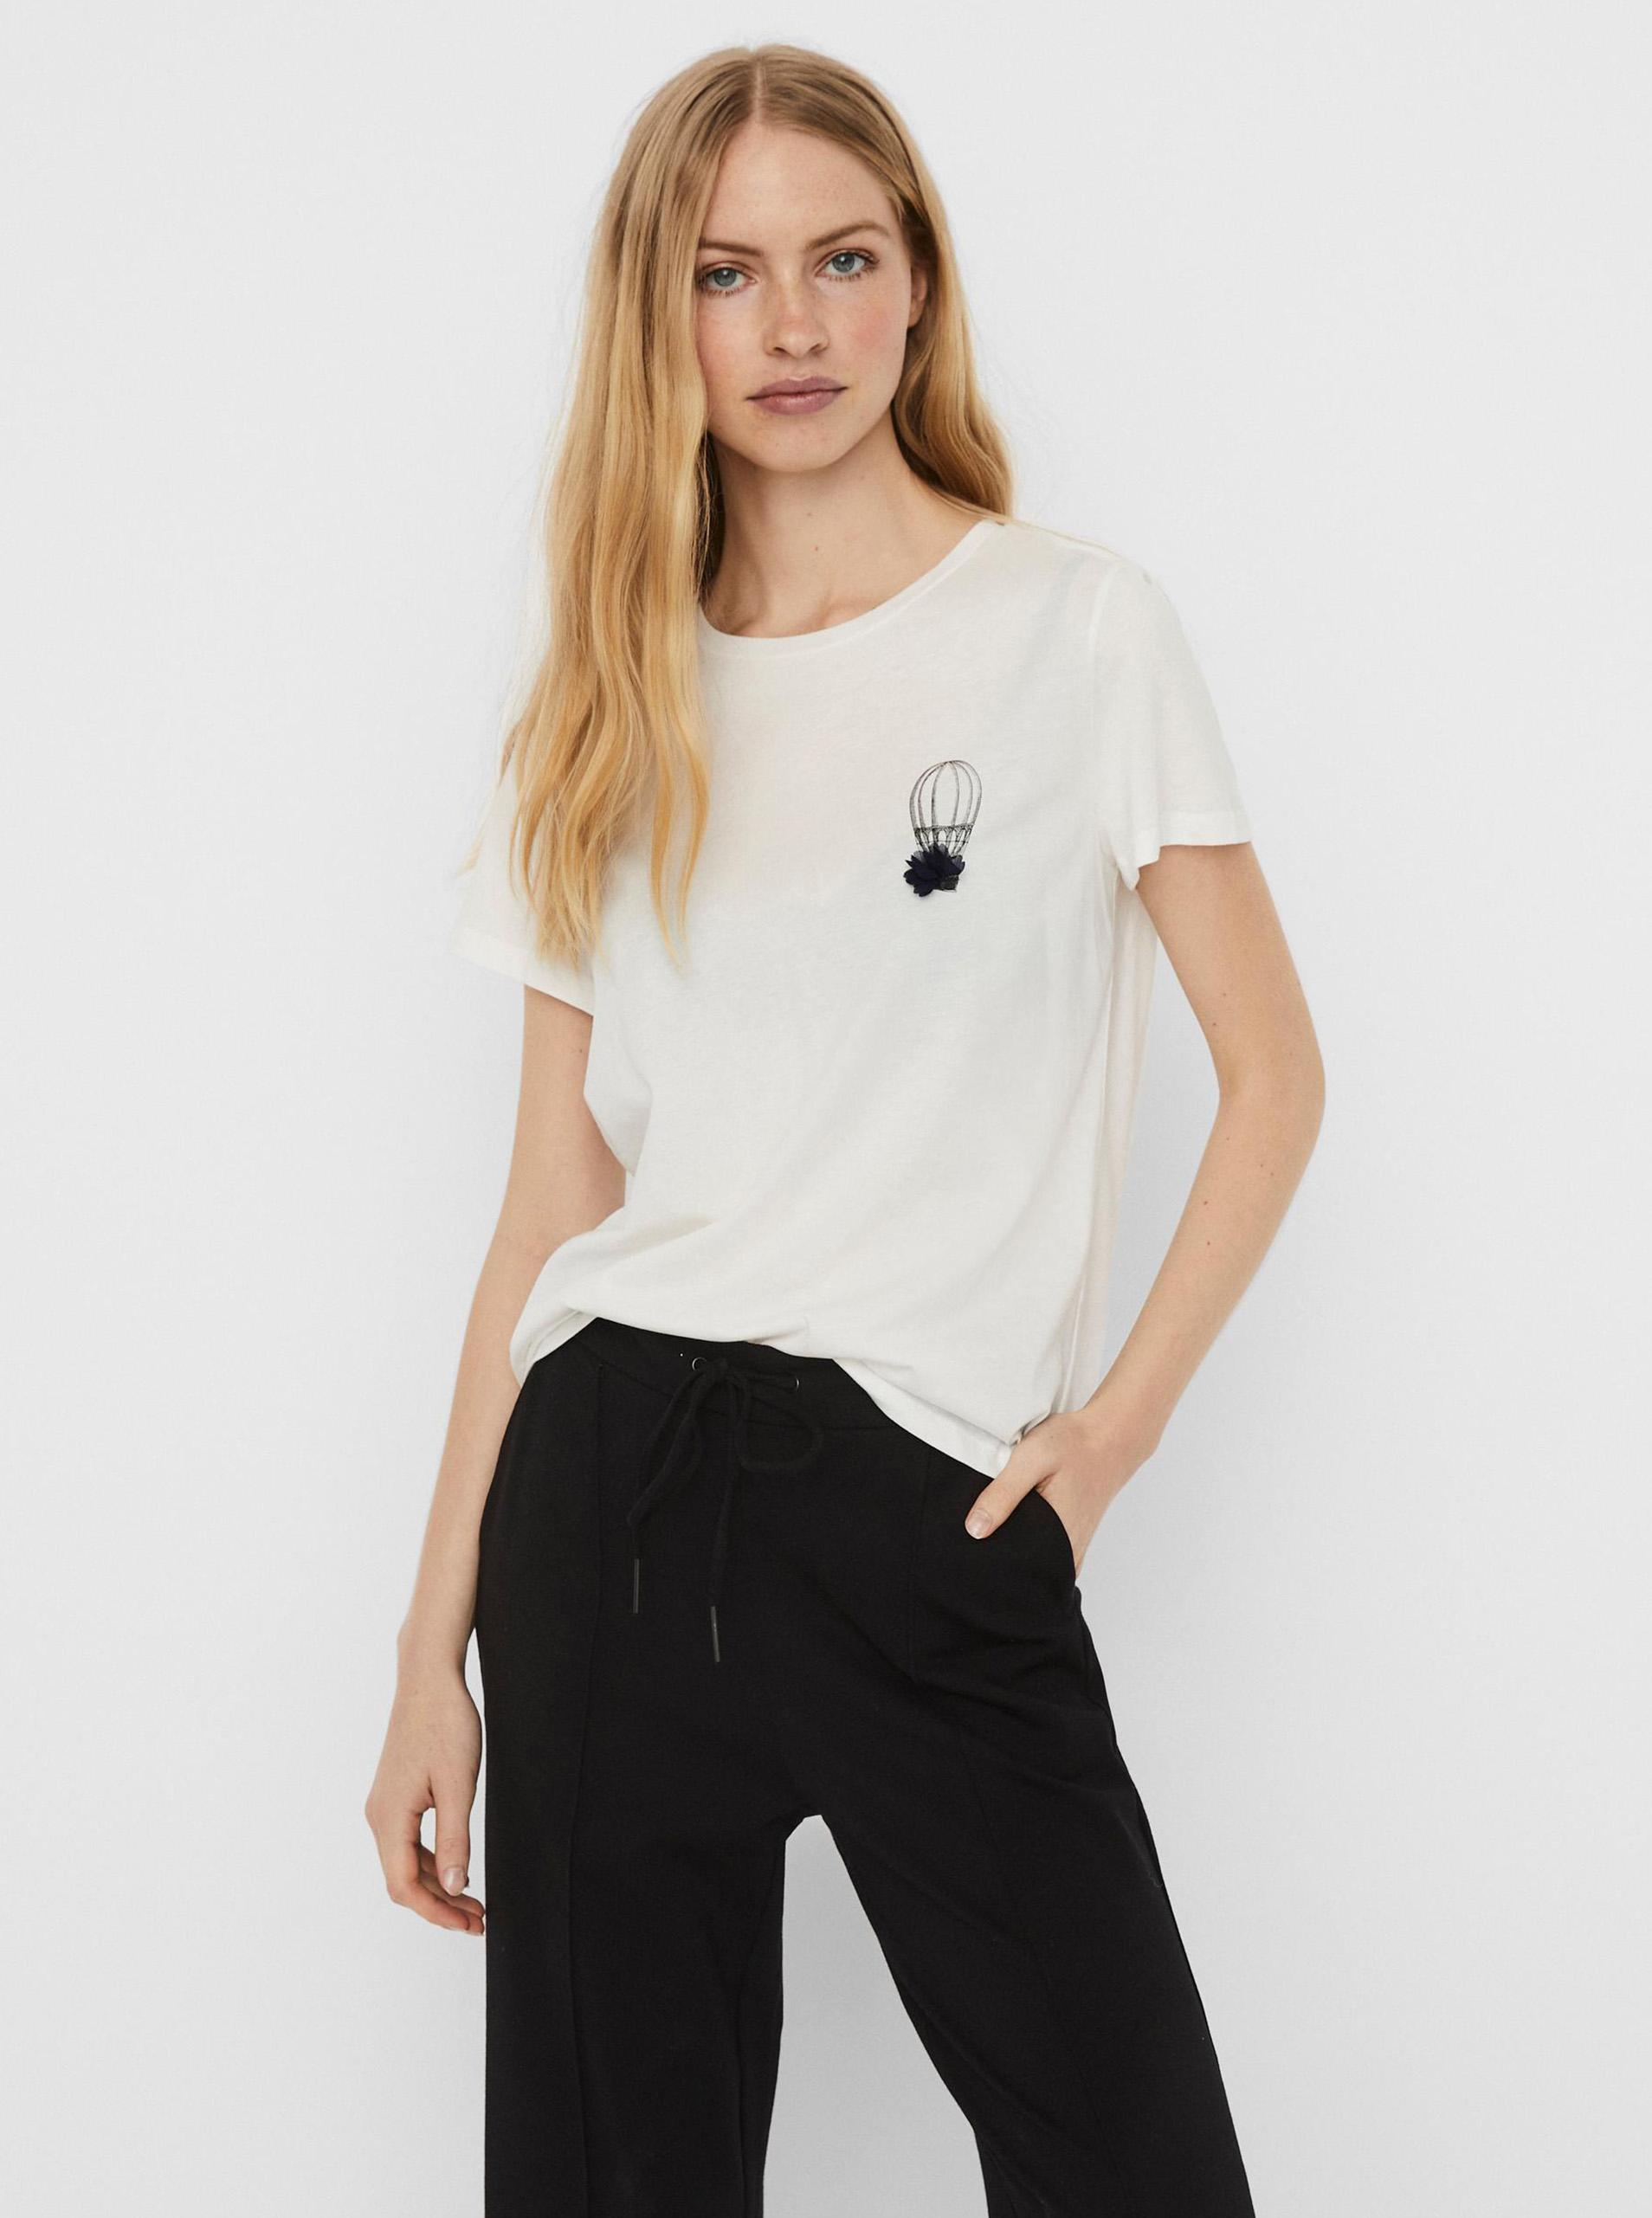 Vero Moda bianco maglietta Donna con stampa